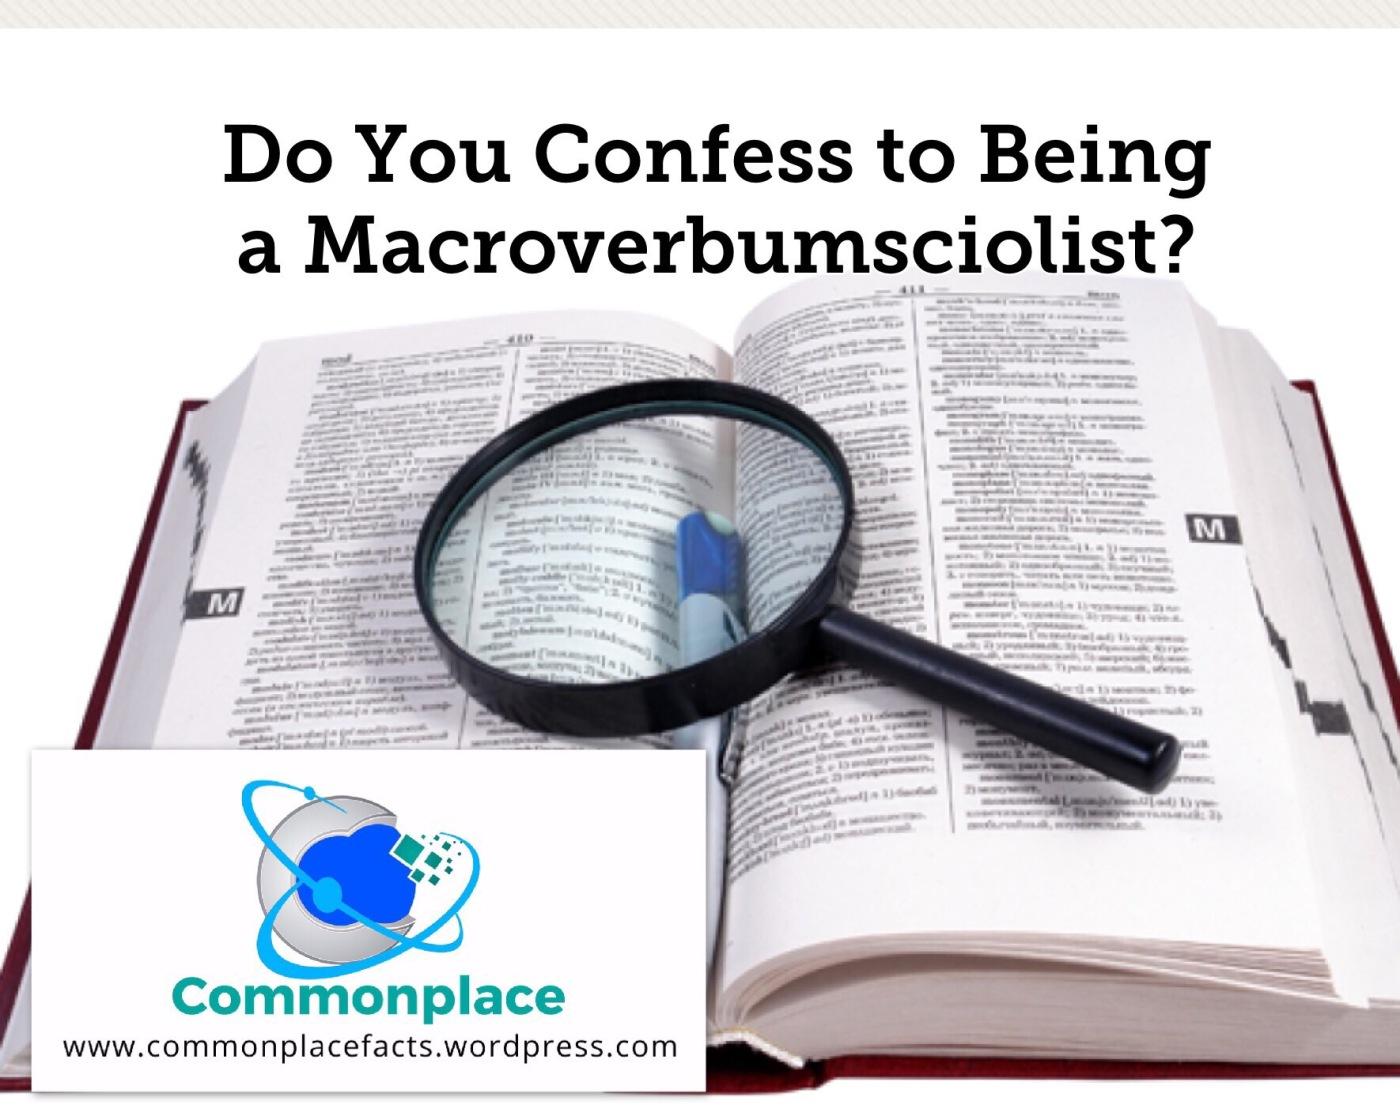 #macroverbumsciolist #words #funfacts